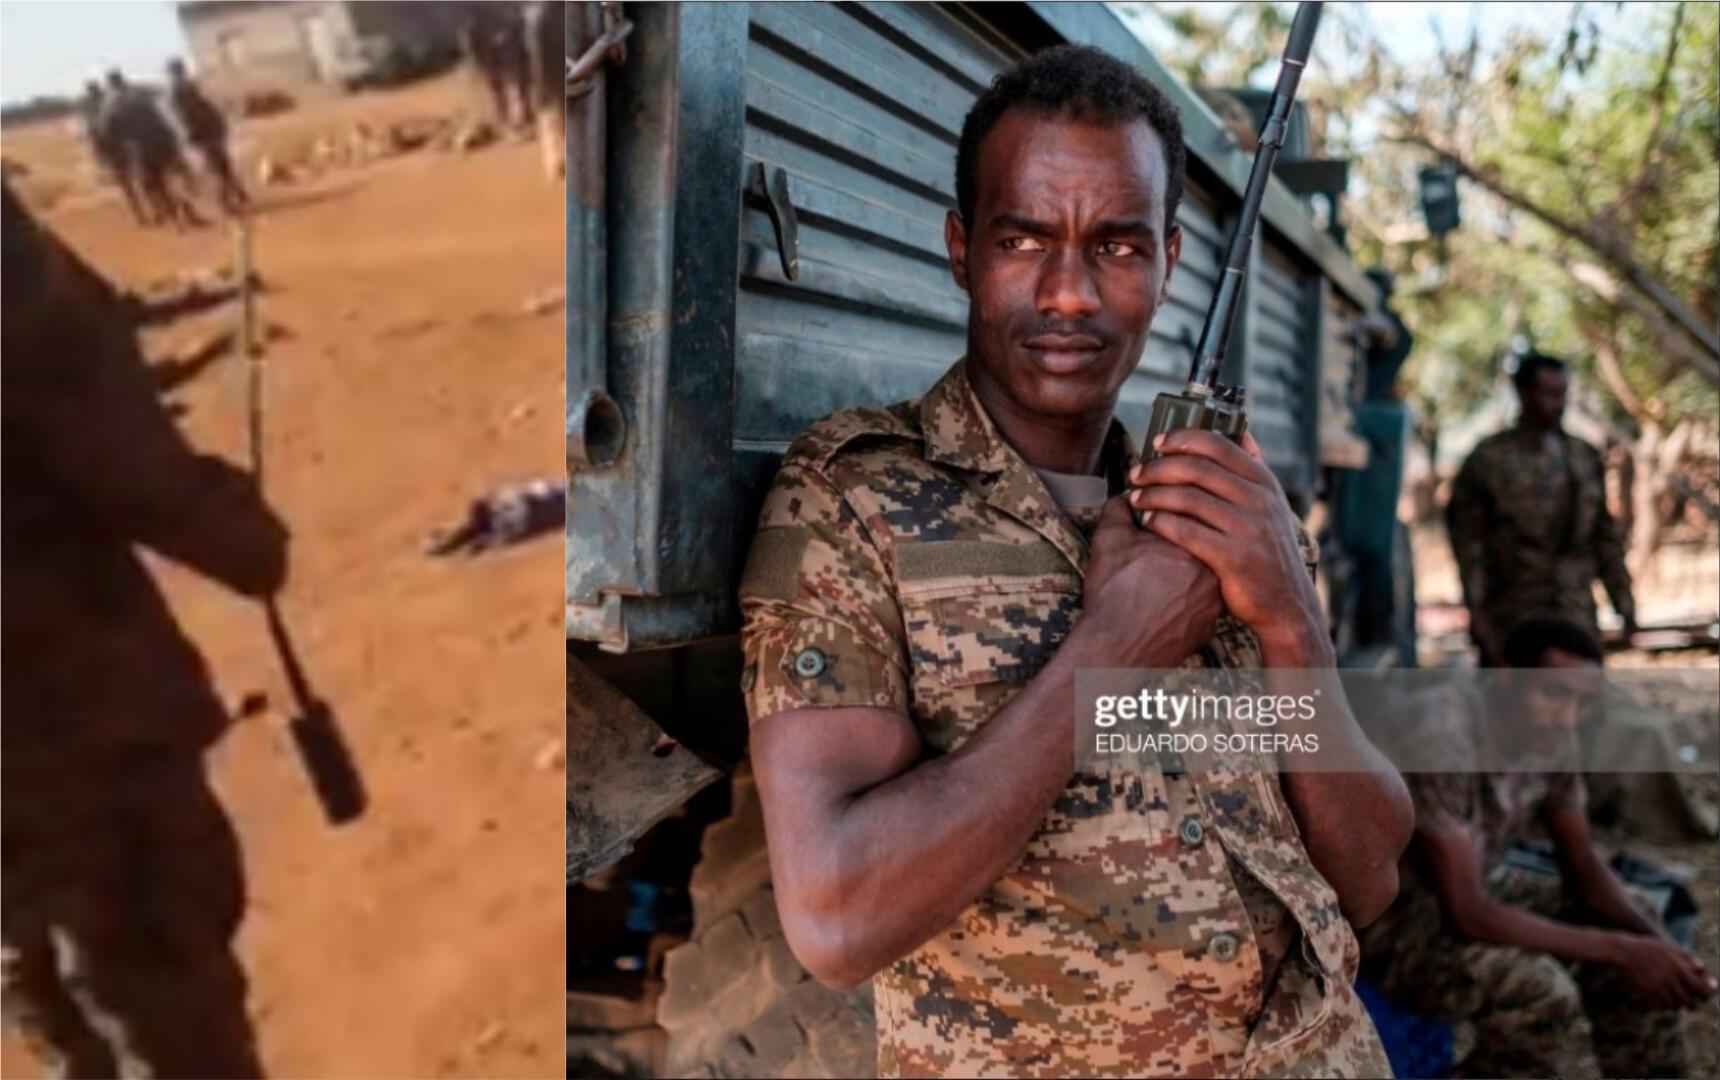 À gauche, une capture d'écran de la vidéo où l'on voit un homme tenir un talkie-walkie à longue antenne et, à droite, la photo AFP d'un soldat éthiopien tenant un appareil du même type, publiée le 25 novembre 2020.